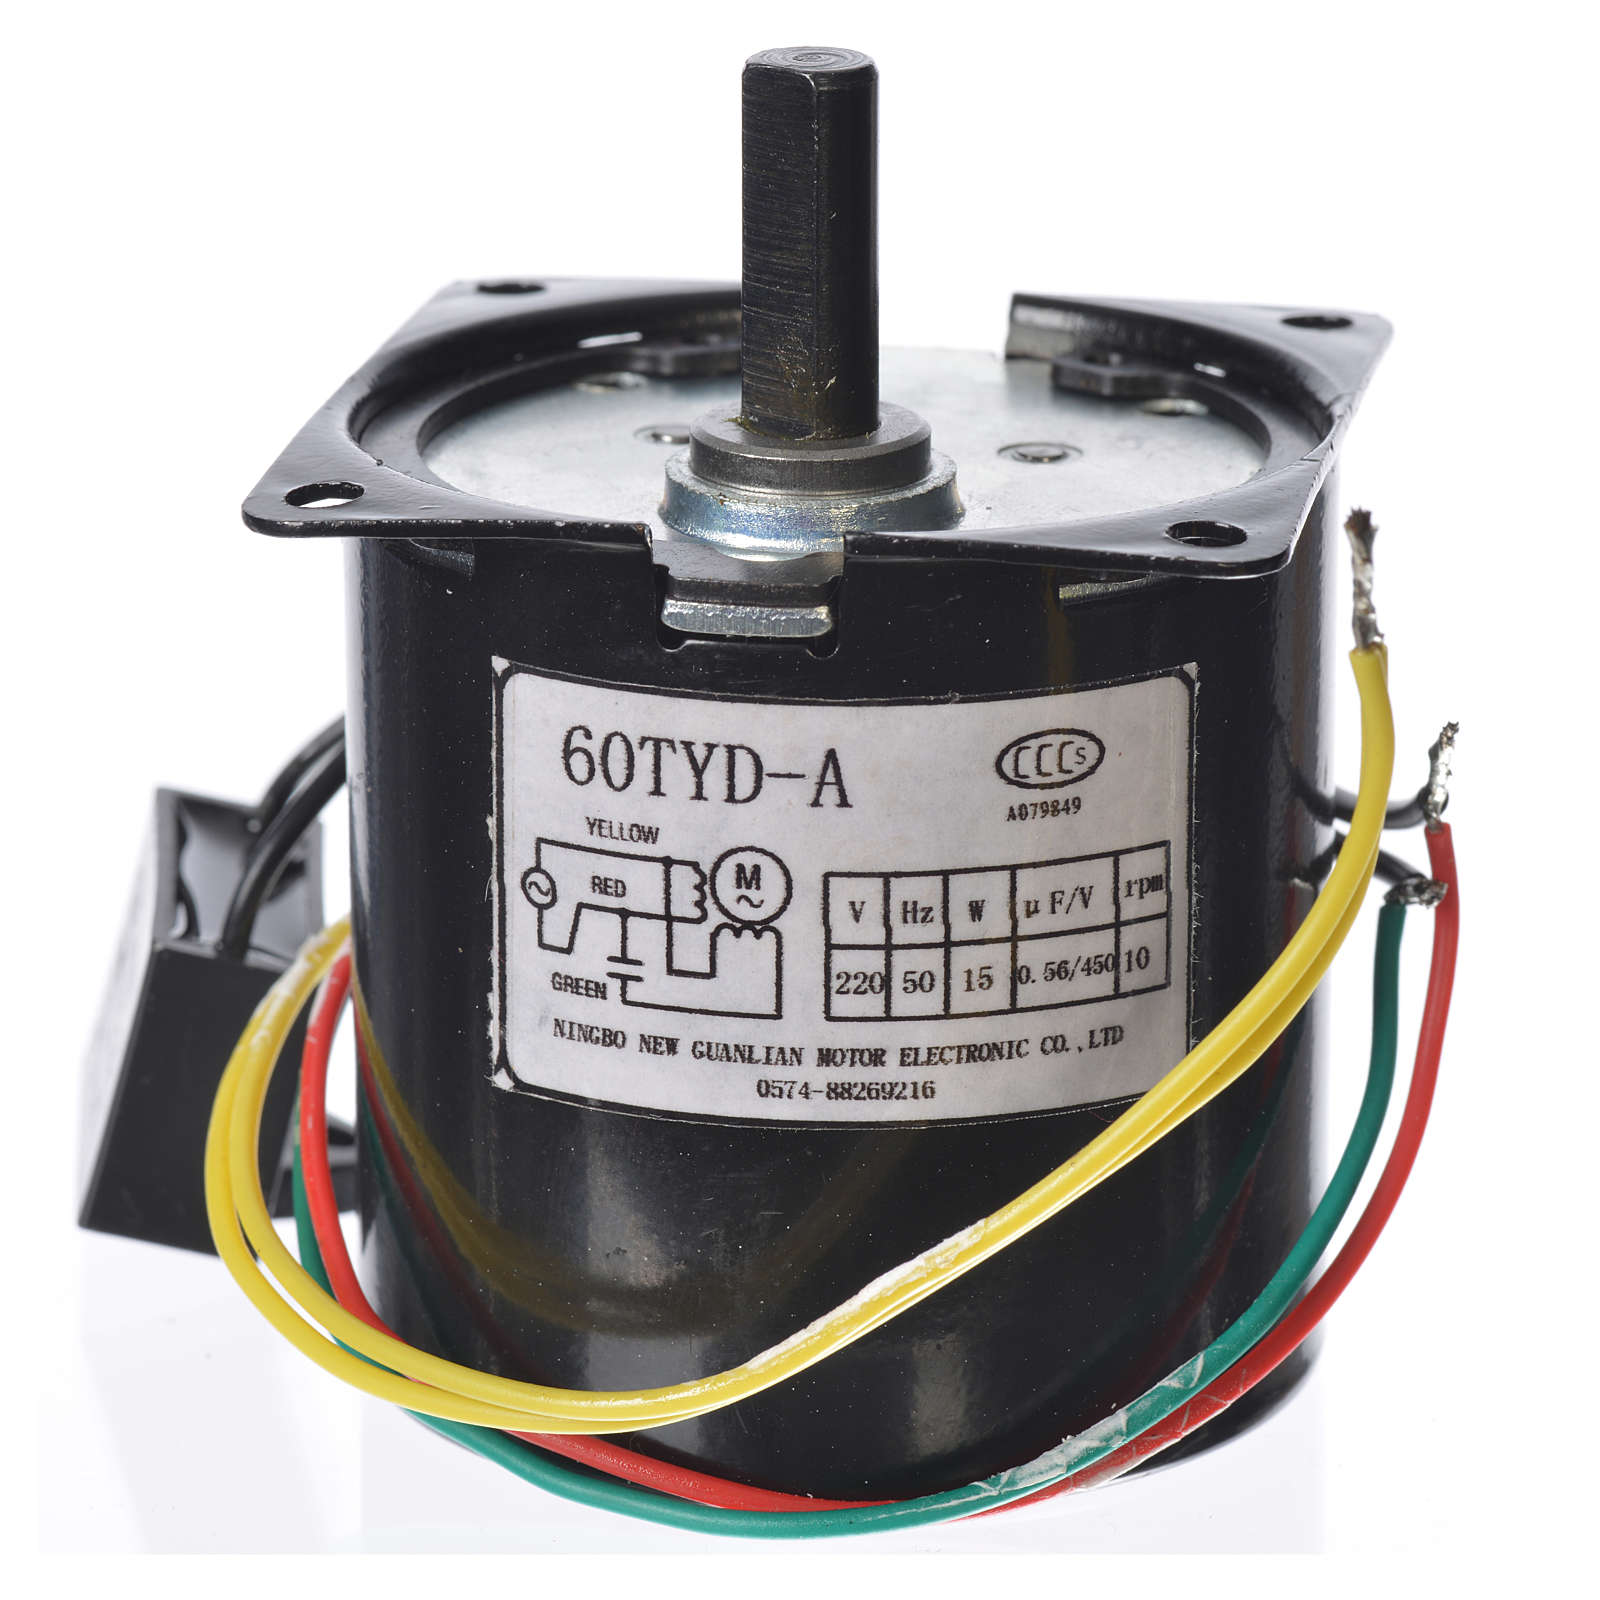 Motorreductor MPW 10 giros/min belén 4